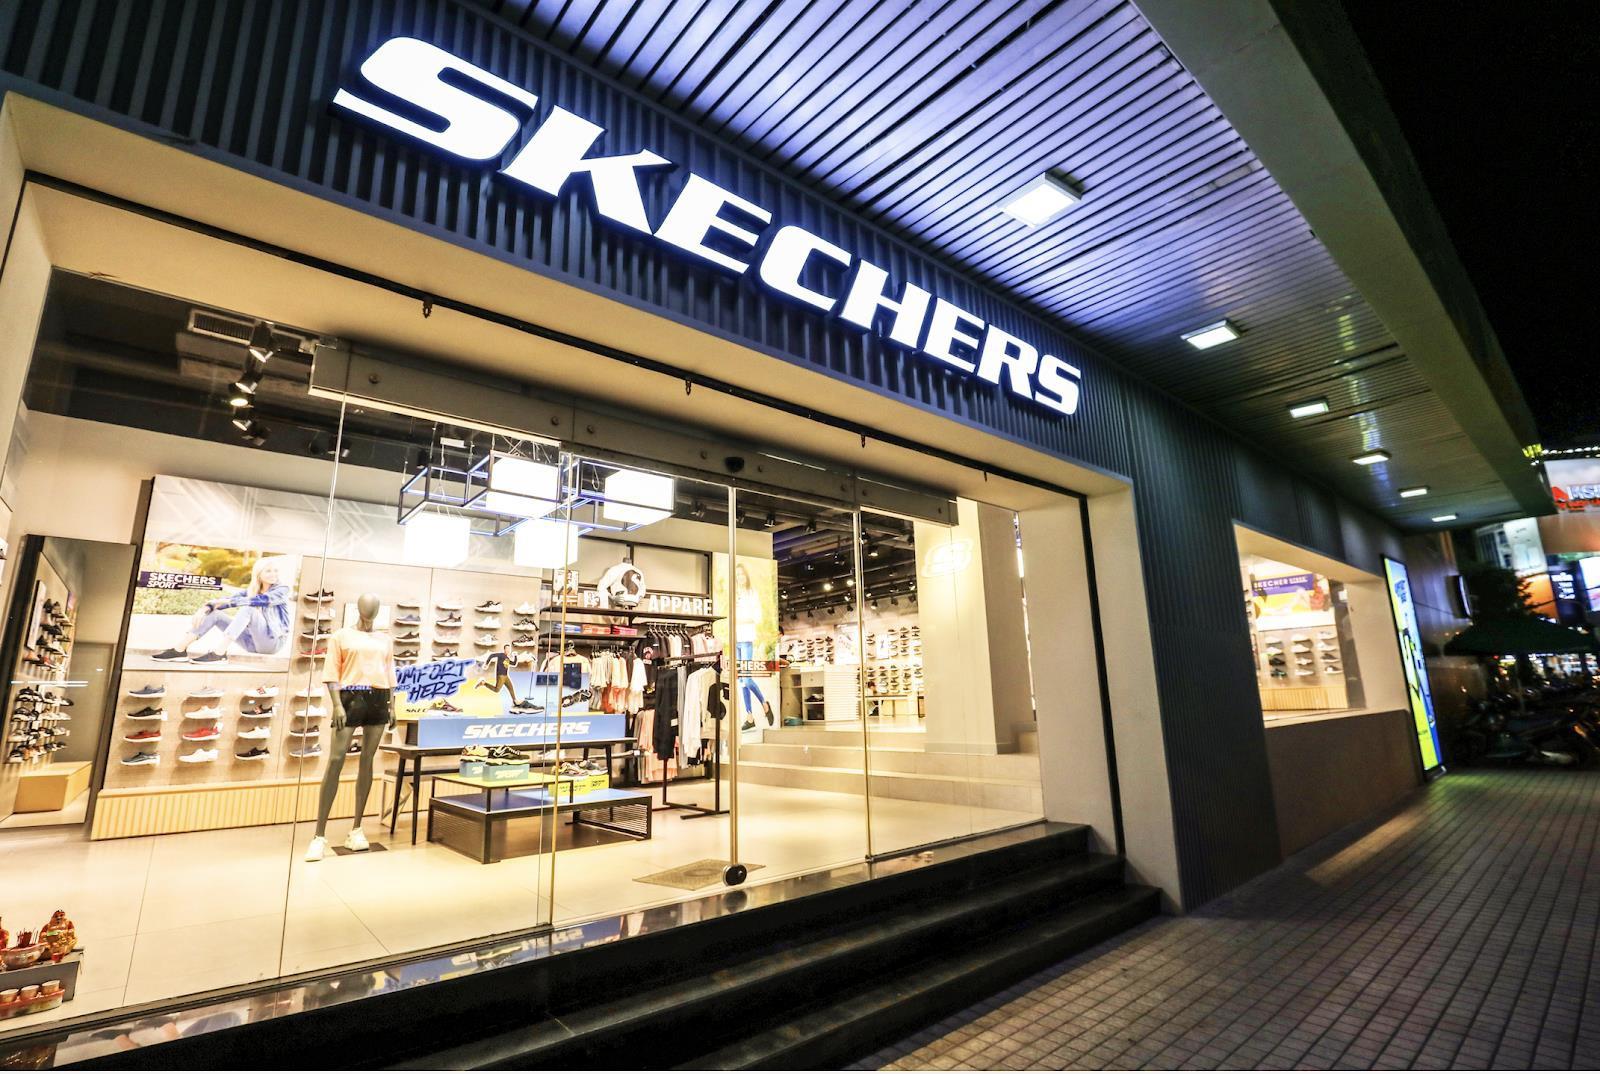 Bất ngờ kép từ Skechers: Karik trở thành đại sứ thương hiệu, chính thức khai trương Flagship Store tại Việt Nam - Ảnh 4.